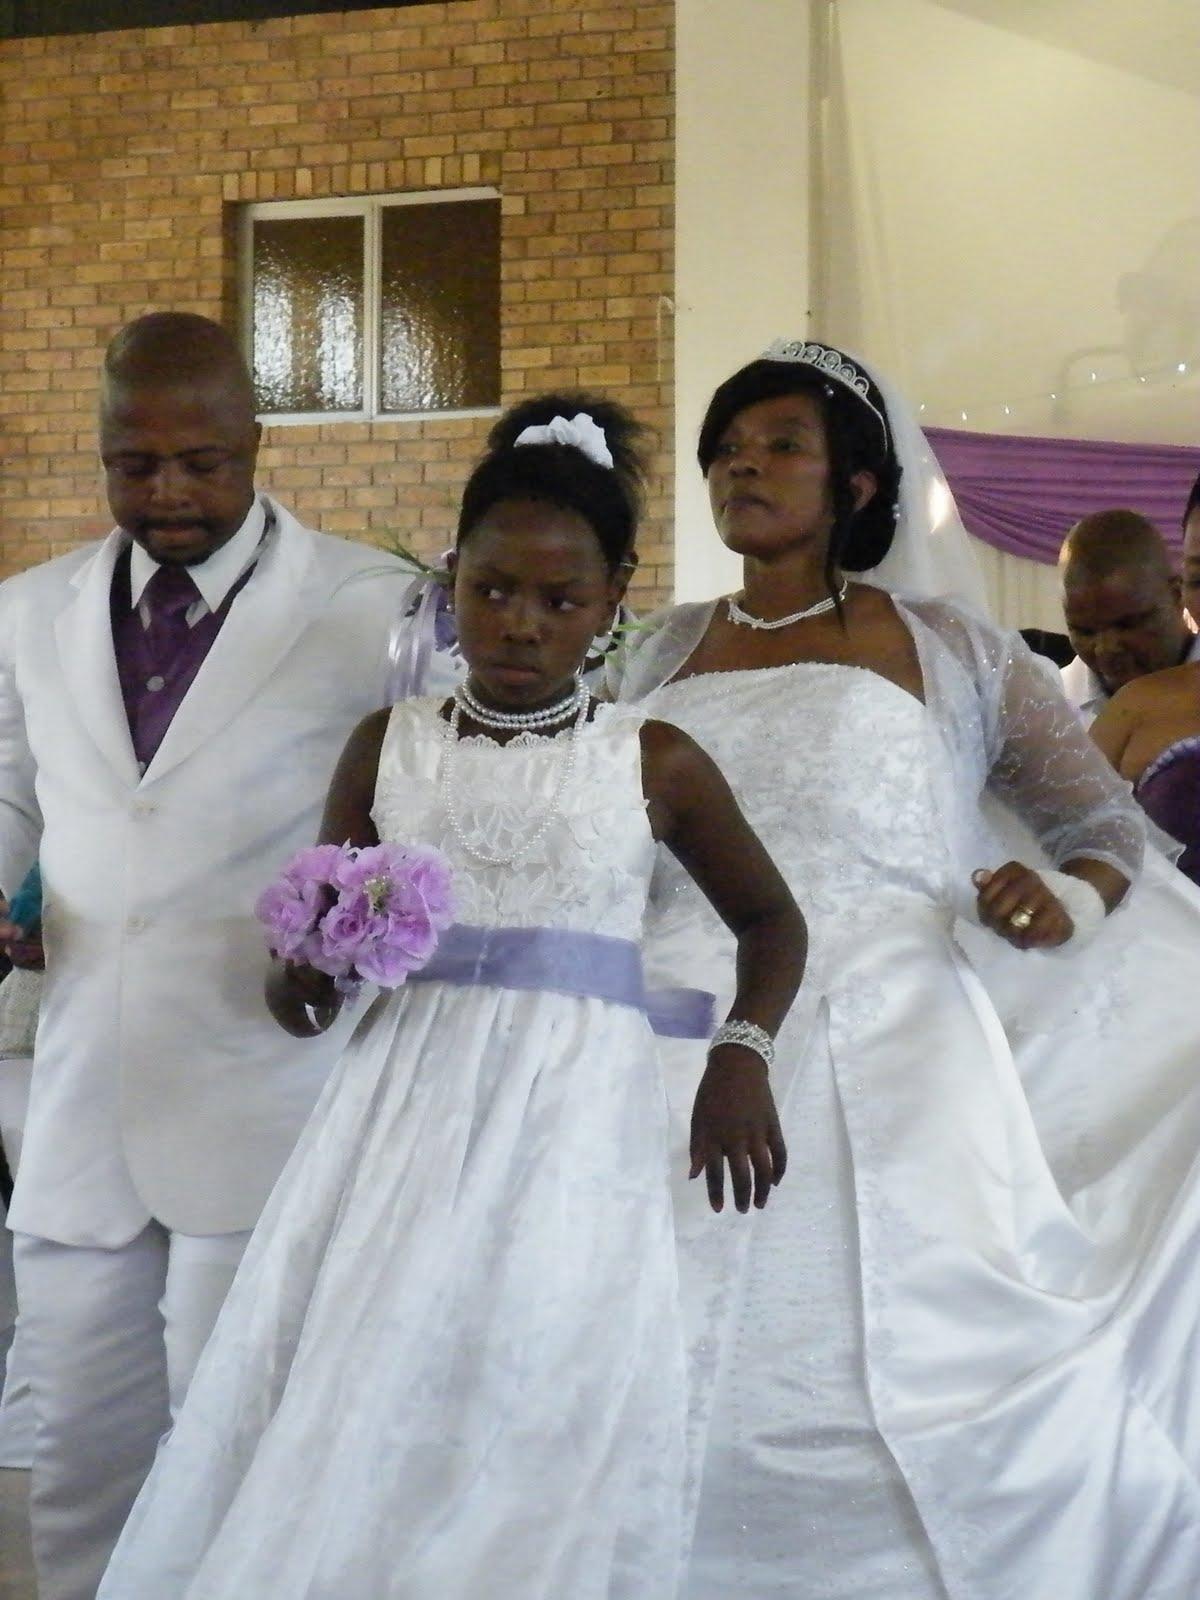 TRAILBLAZING IN SOUTH AFRICA: Zulu Wedding